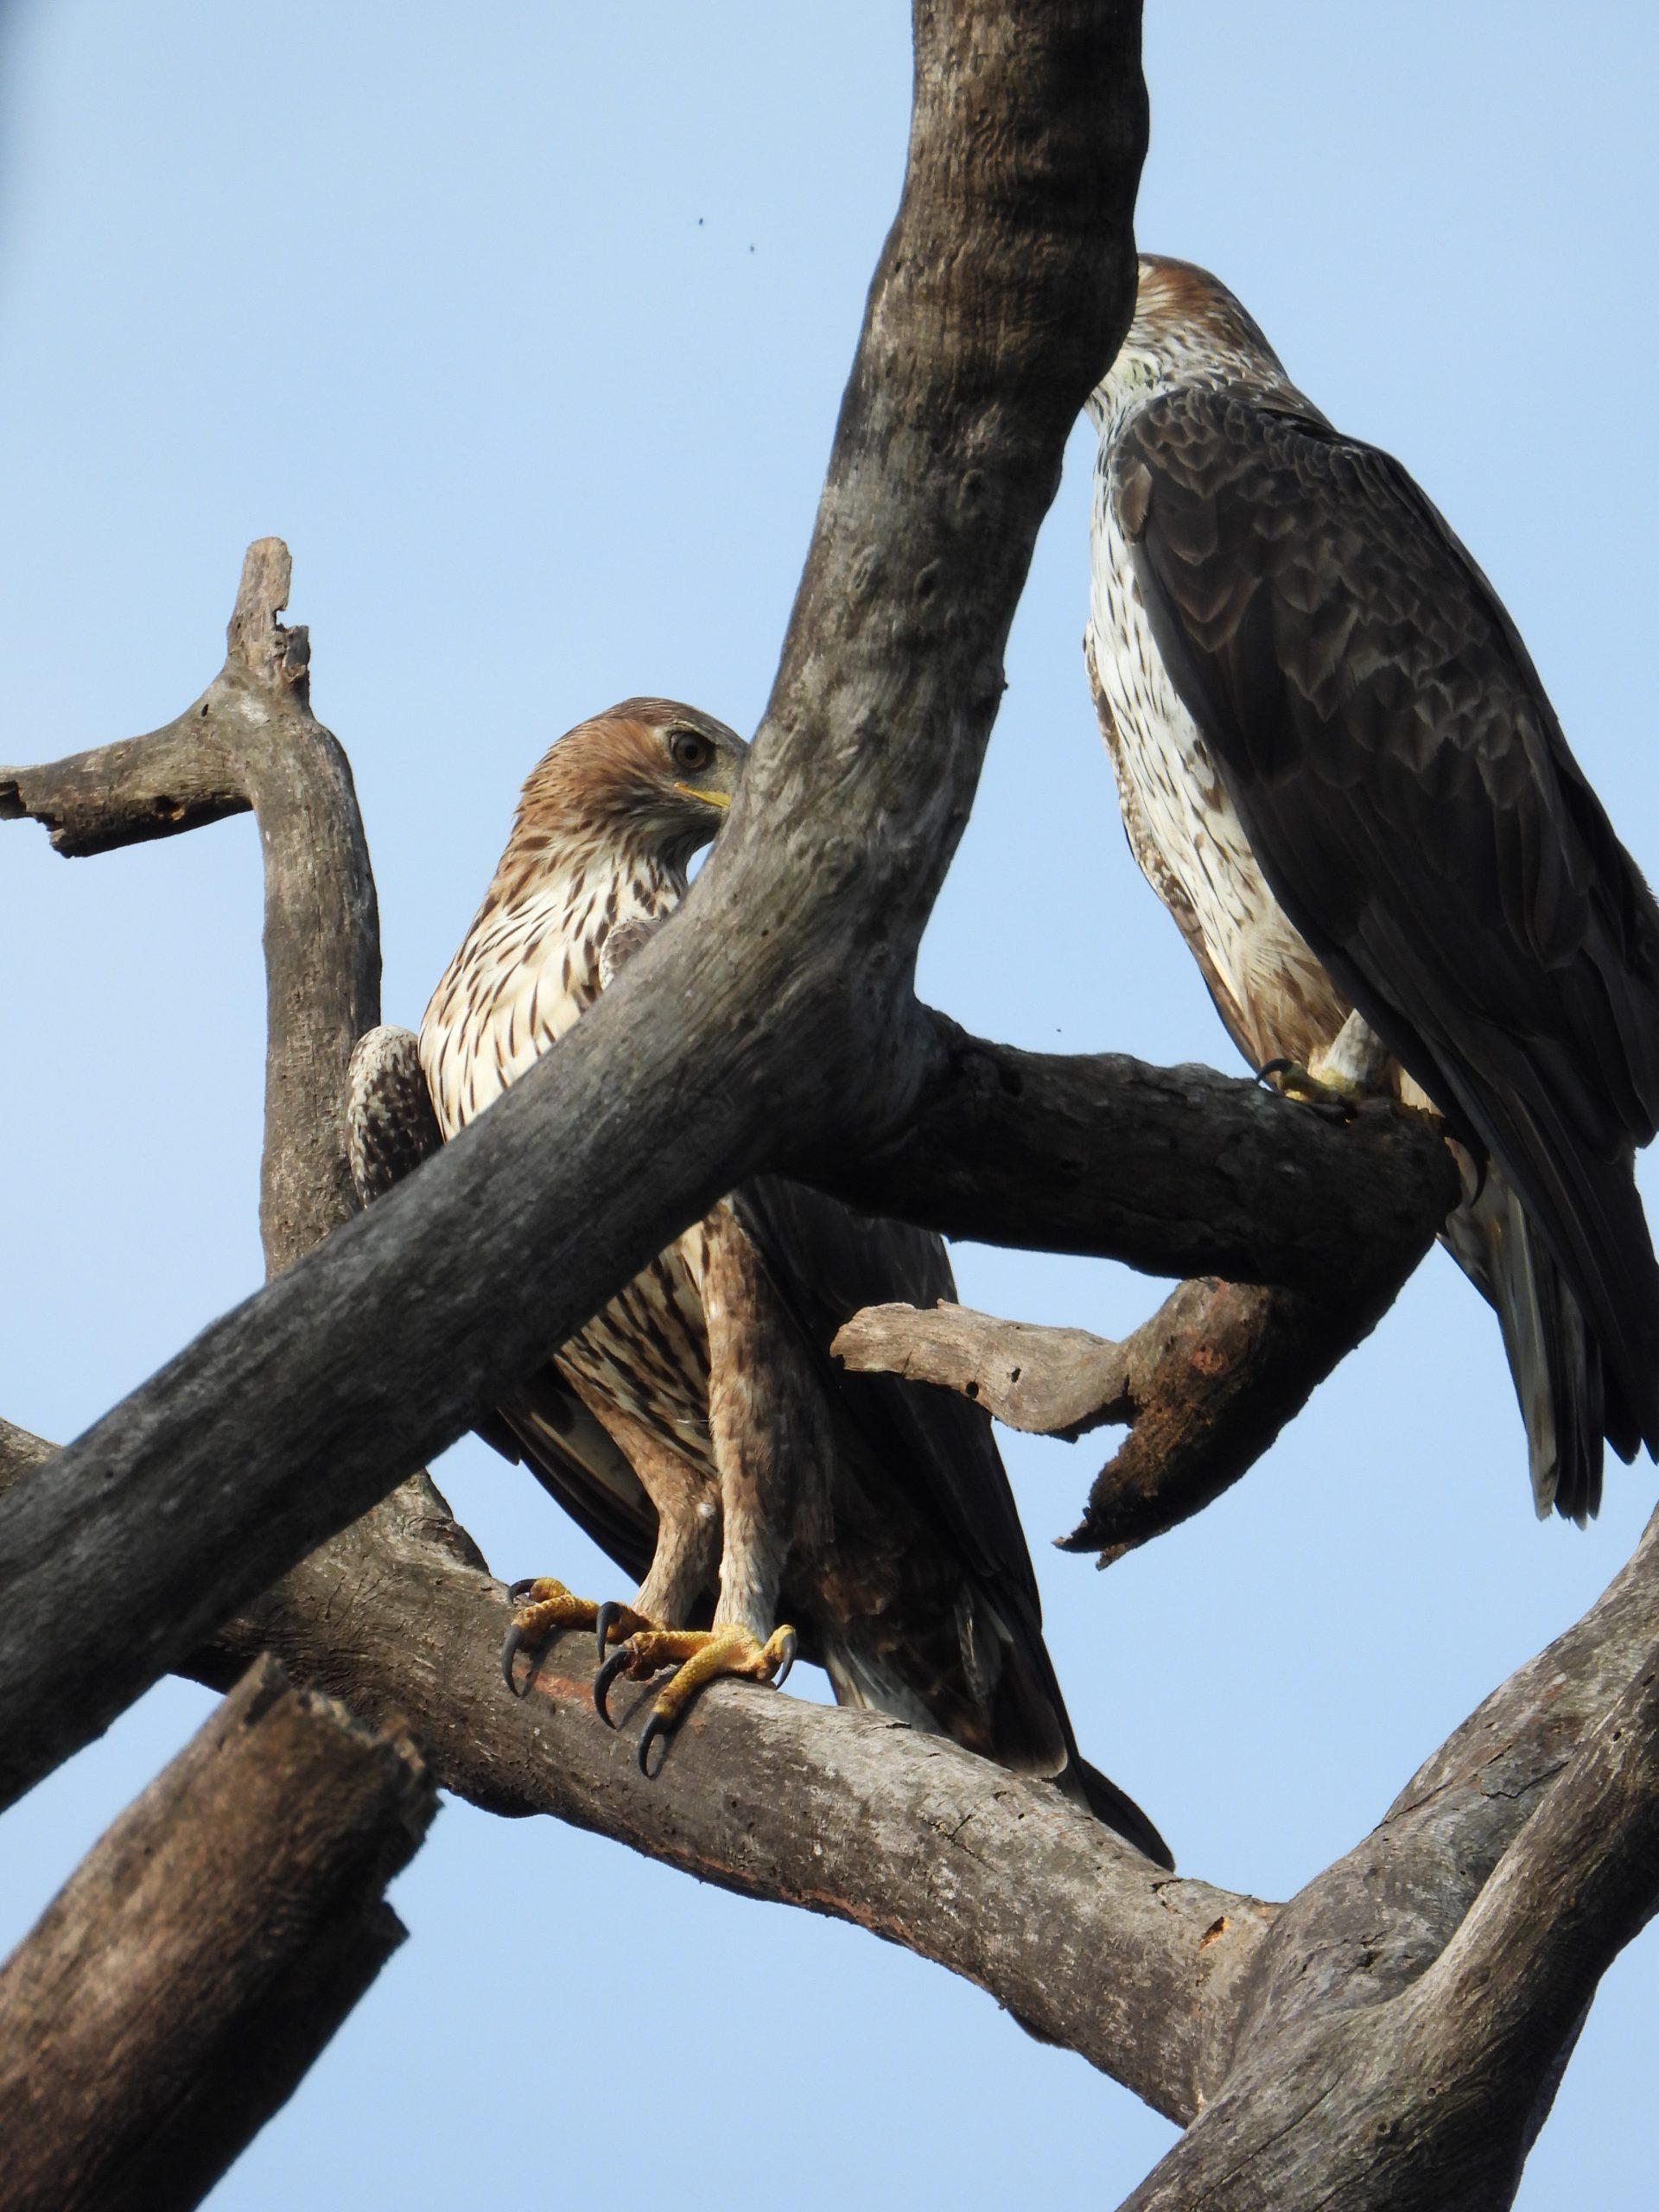 Eagles sitting on tree